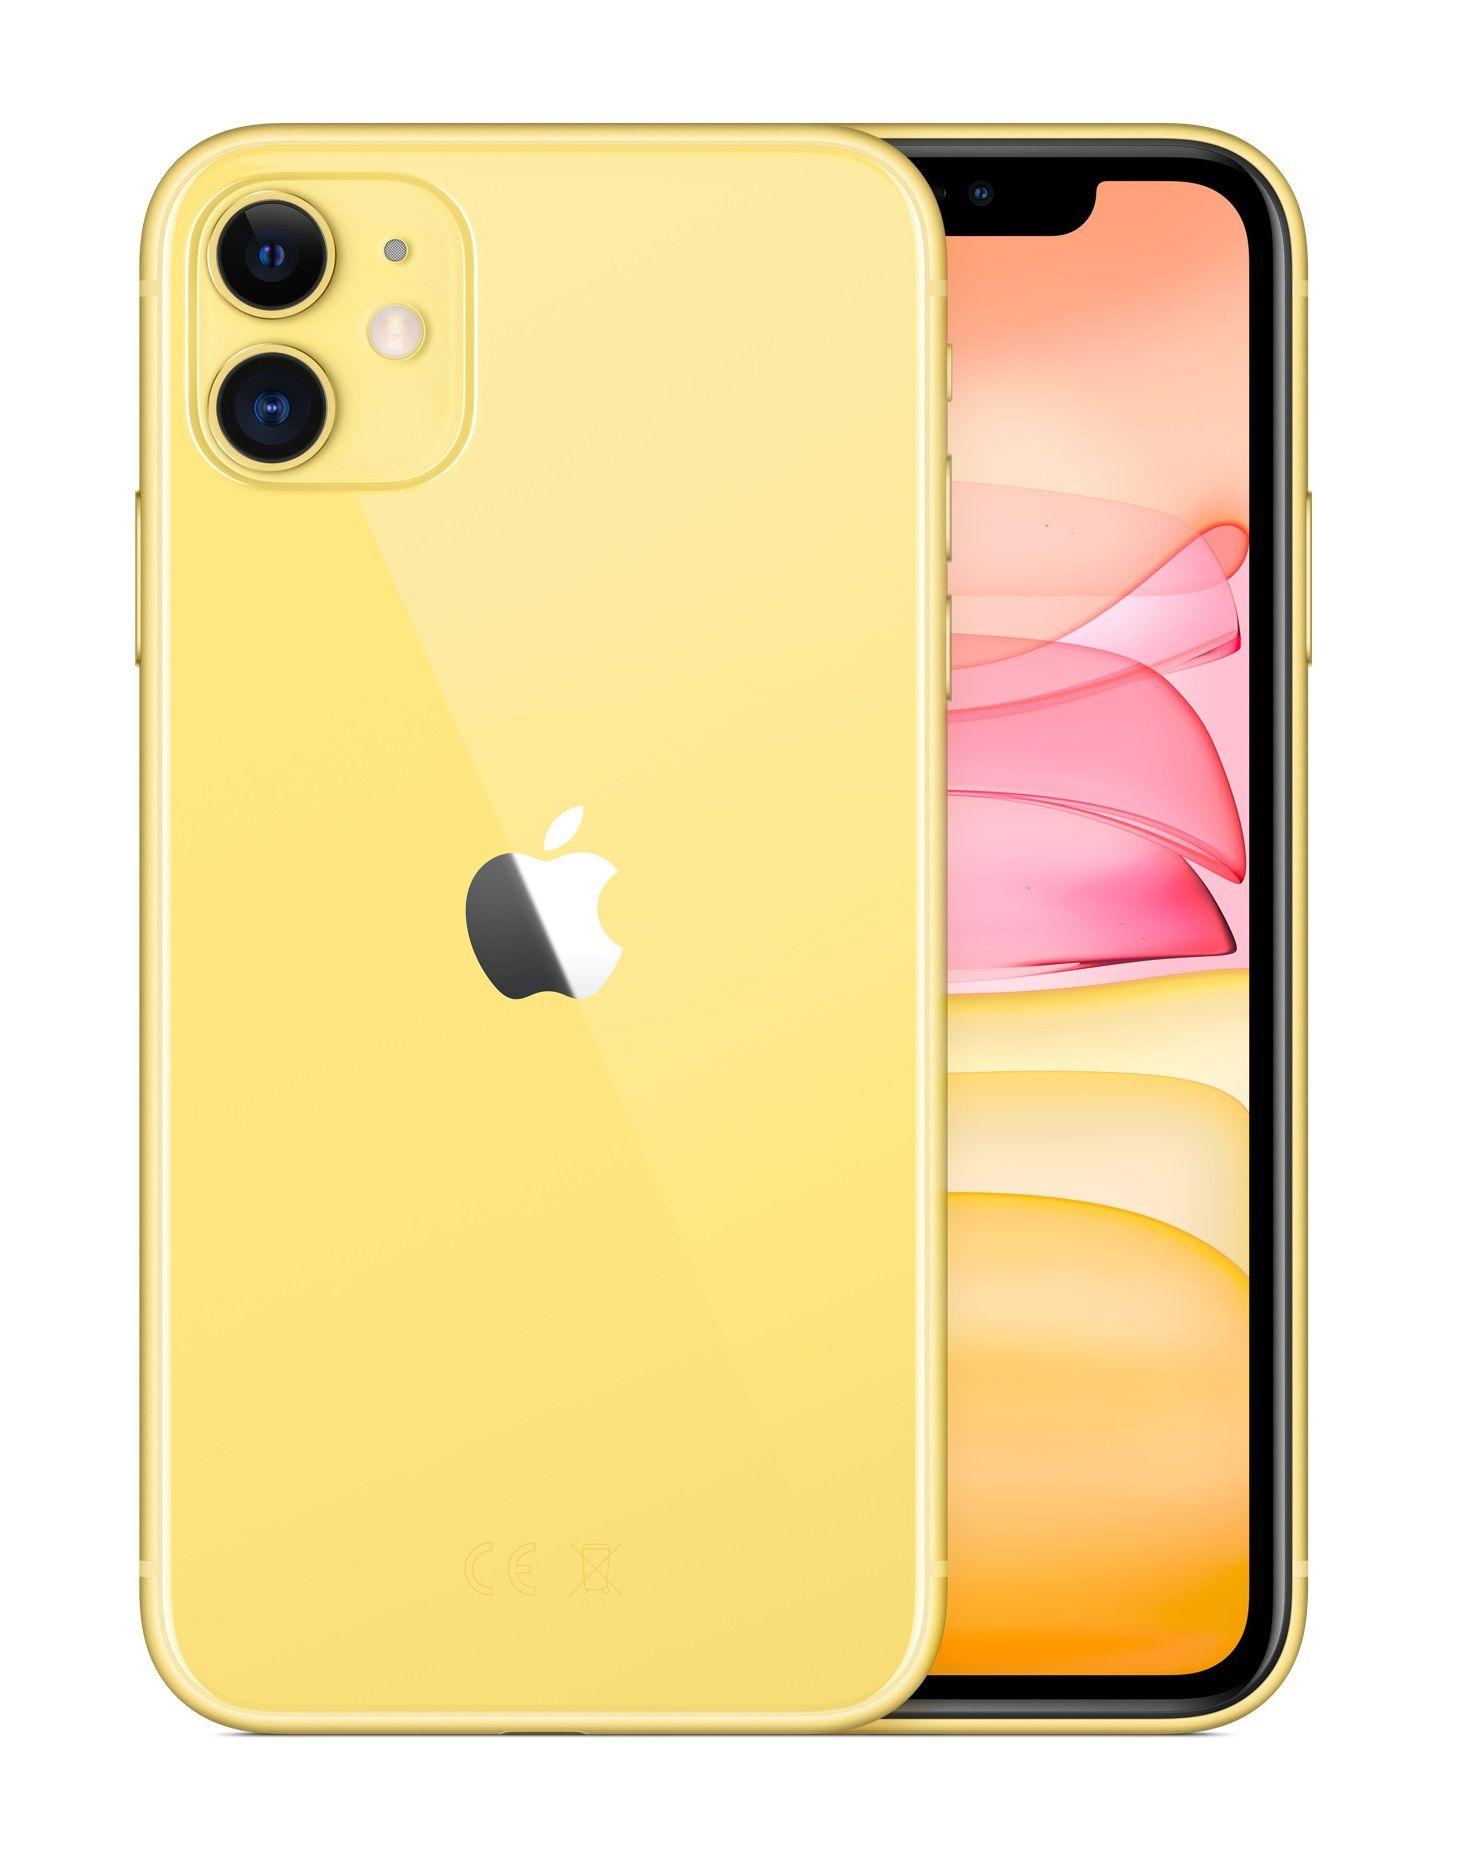 Apple Iphone 11 15 5 Cm 6 1 256 Gb Dual Sim Yellow In 2020